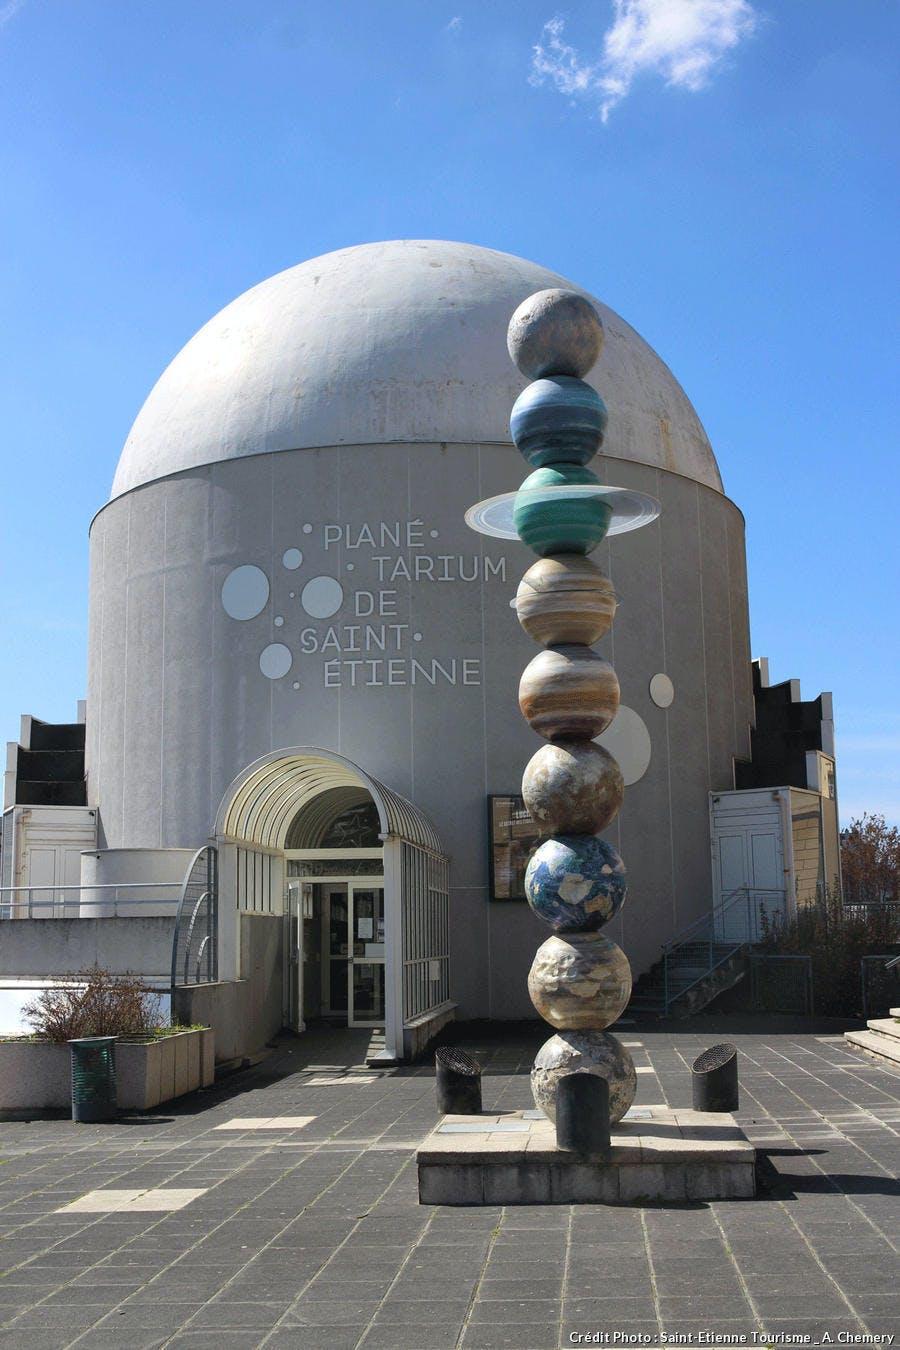 Planétarium de Saint-Etienne